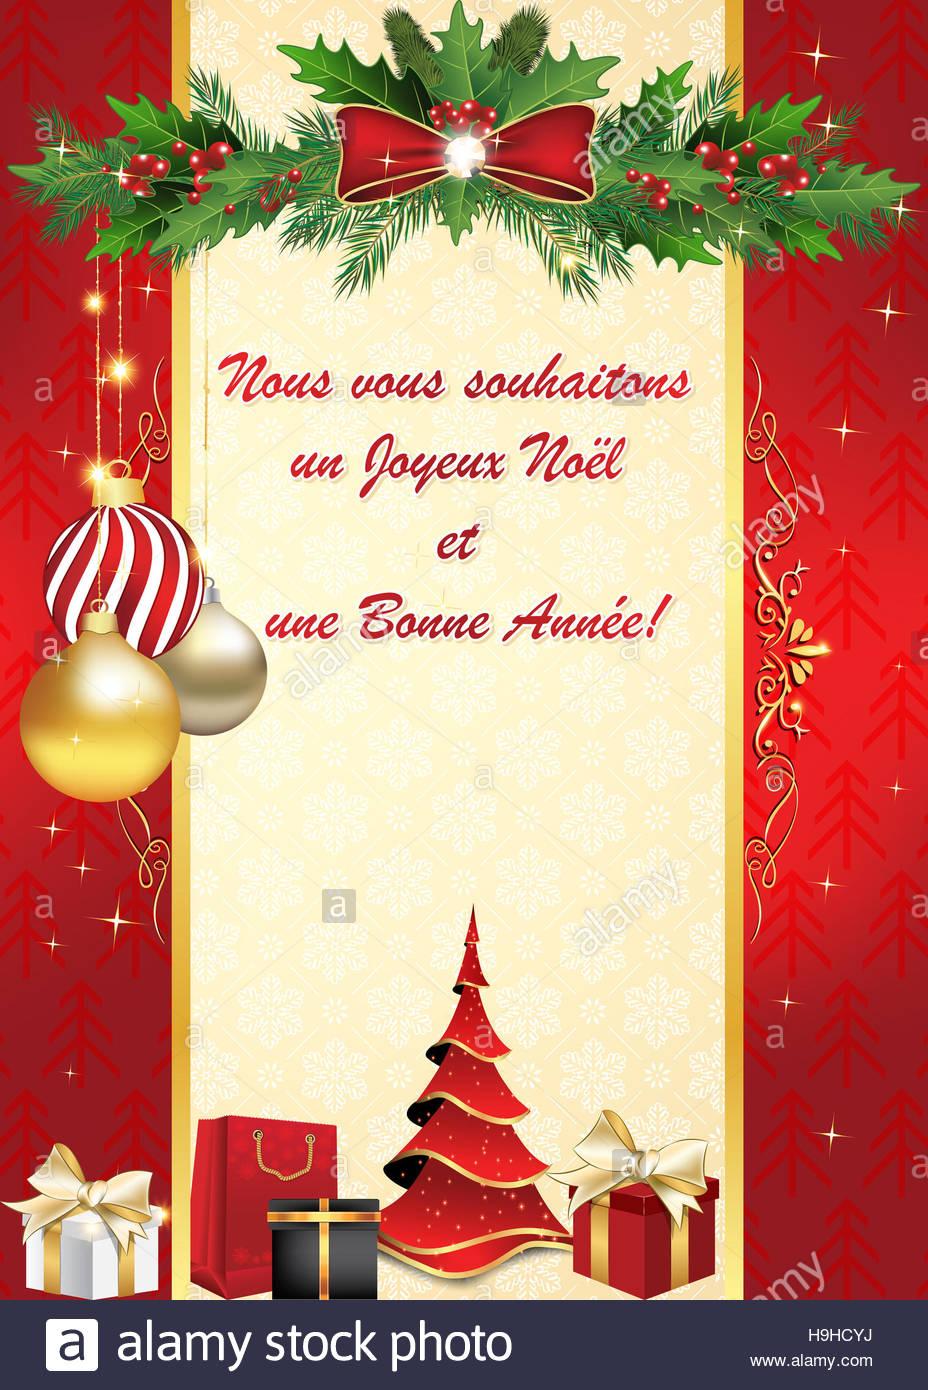 Image De Joyeux Noel 2019.Joyeux Noel Et Bonne Annee 2019 La France Au Vanuatu